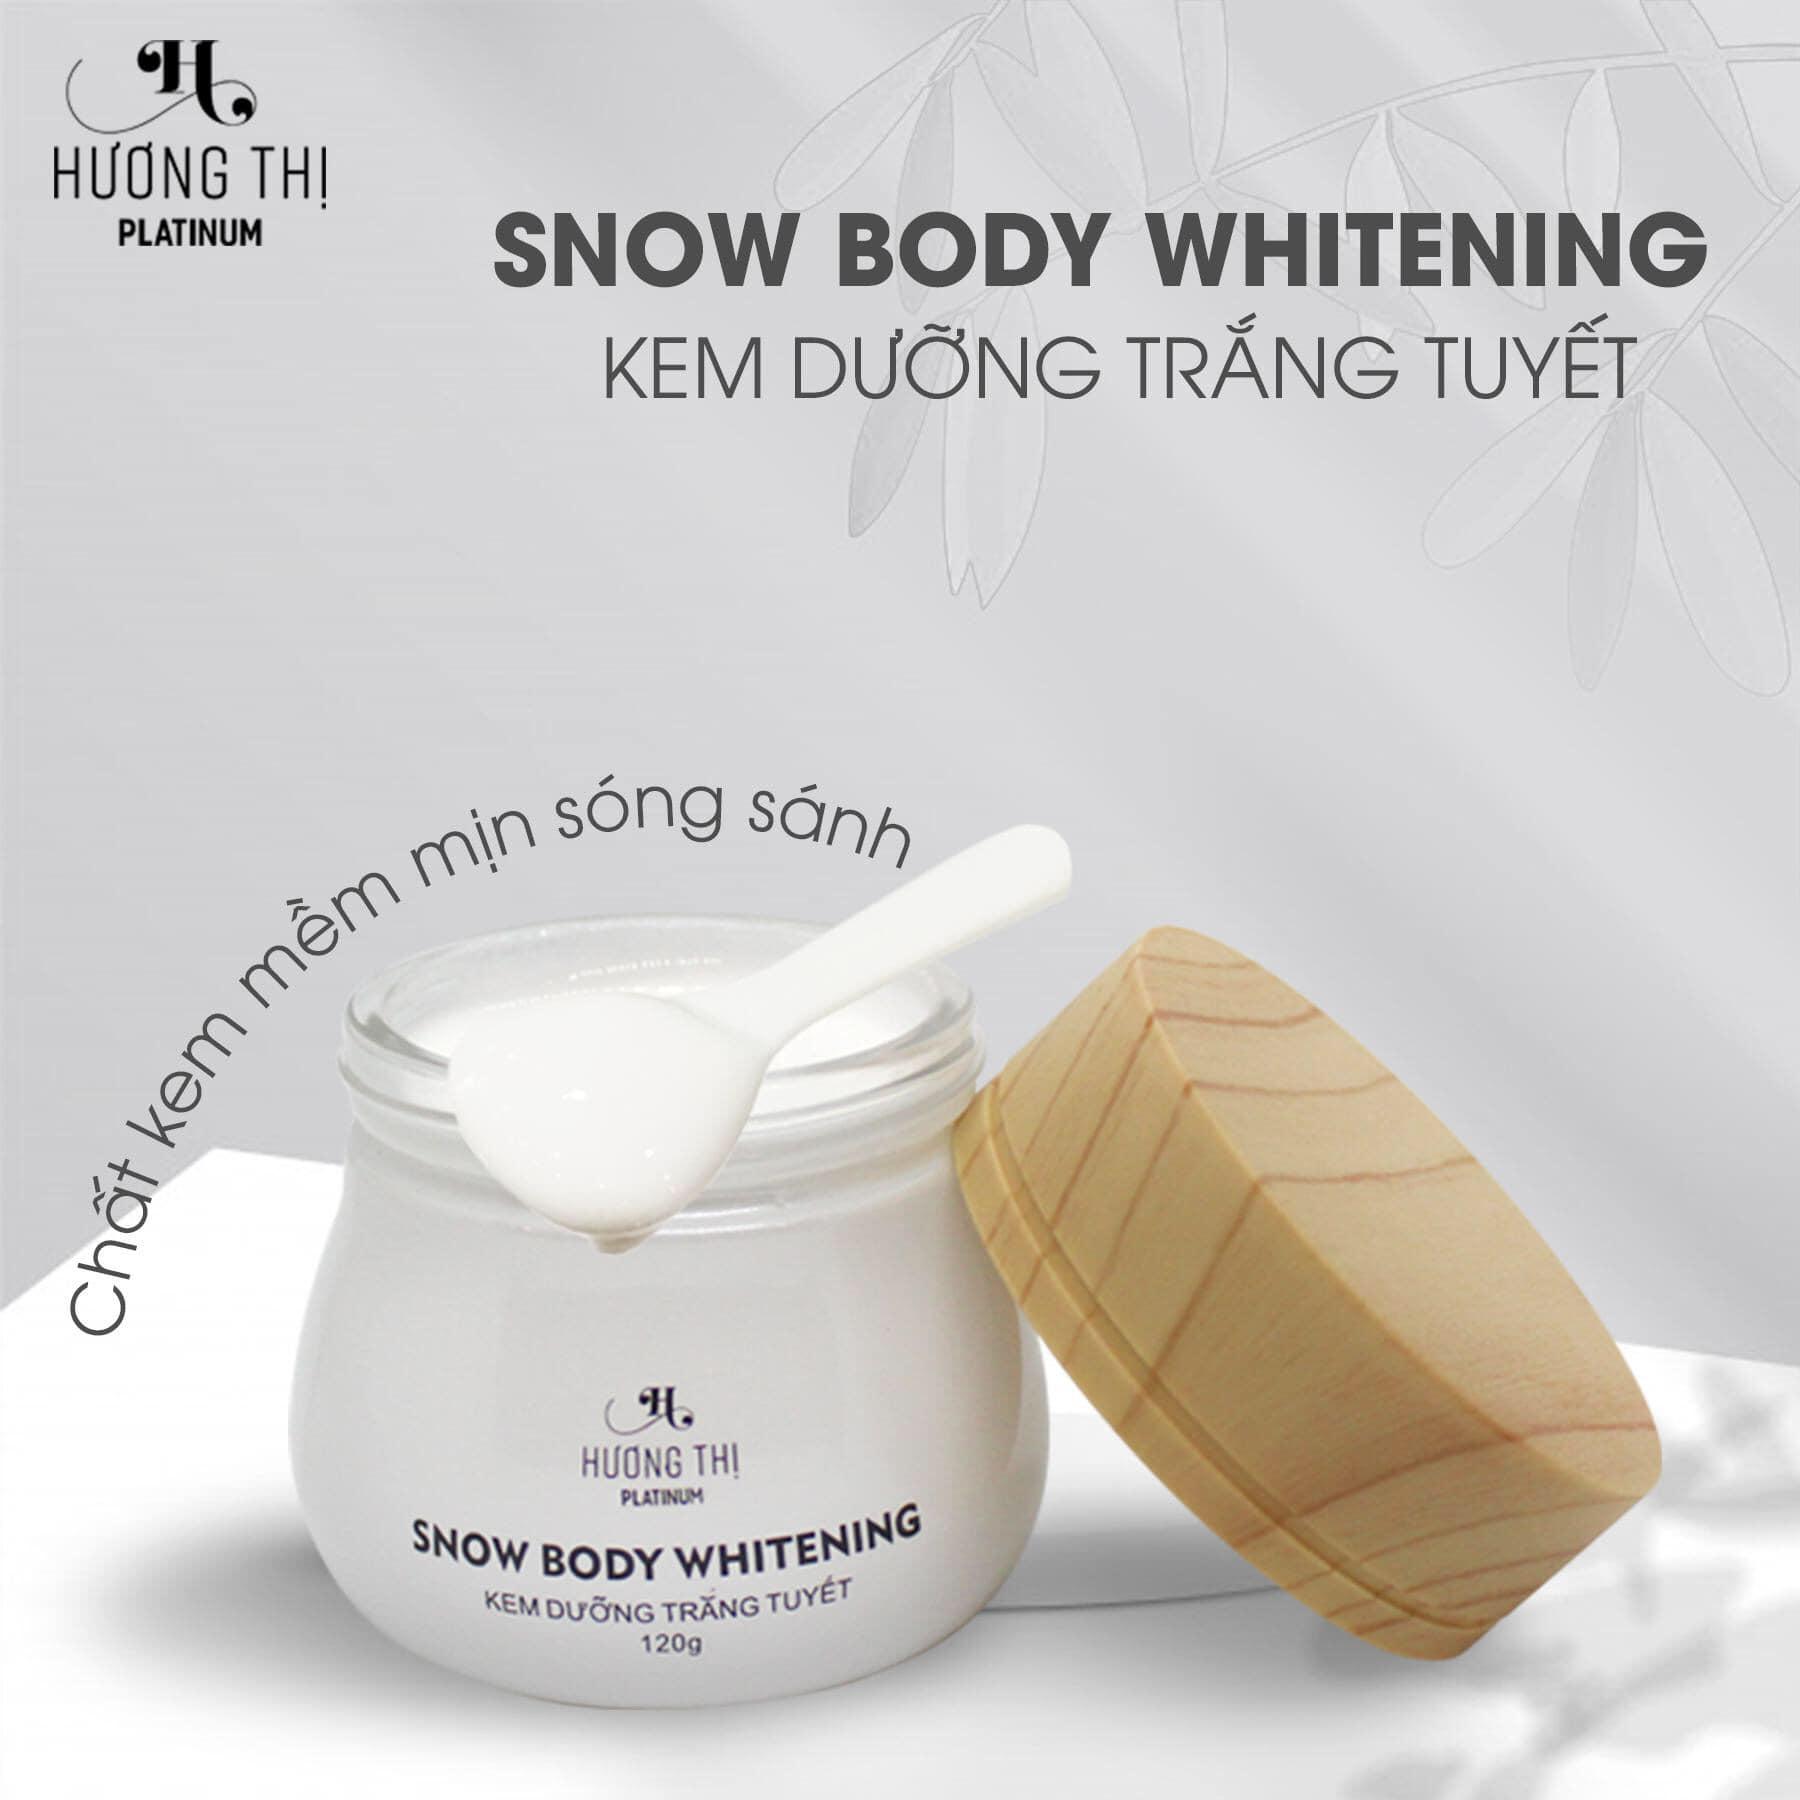 Kem dưỡng trắng tuyết Hương Thị Snow Body Whitening 120g